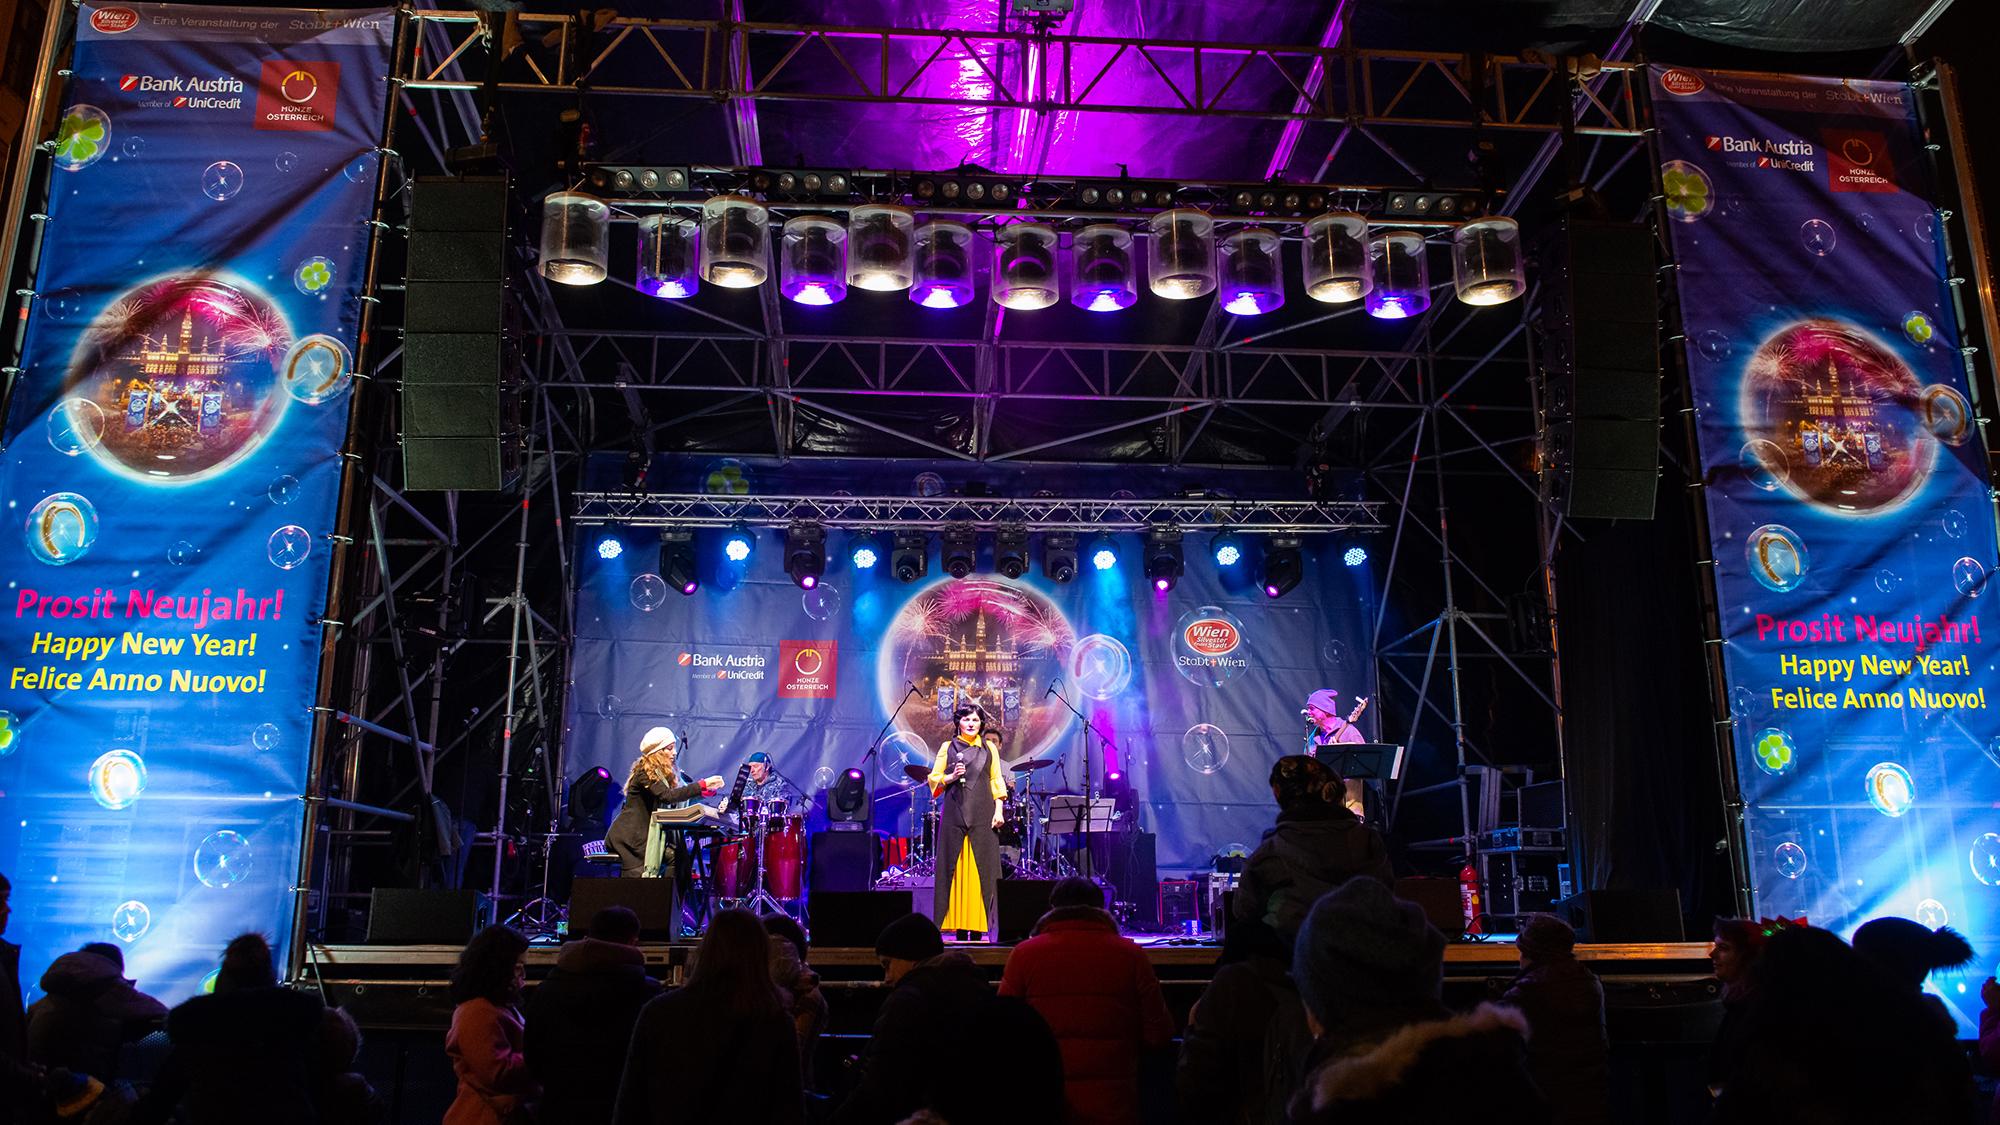 Eine Gruppe musiziert auf der Bühne